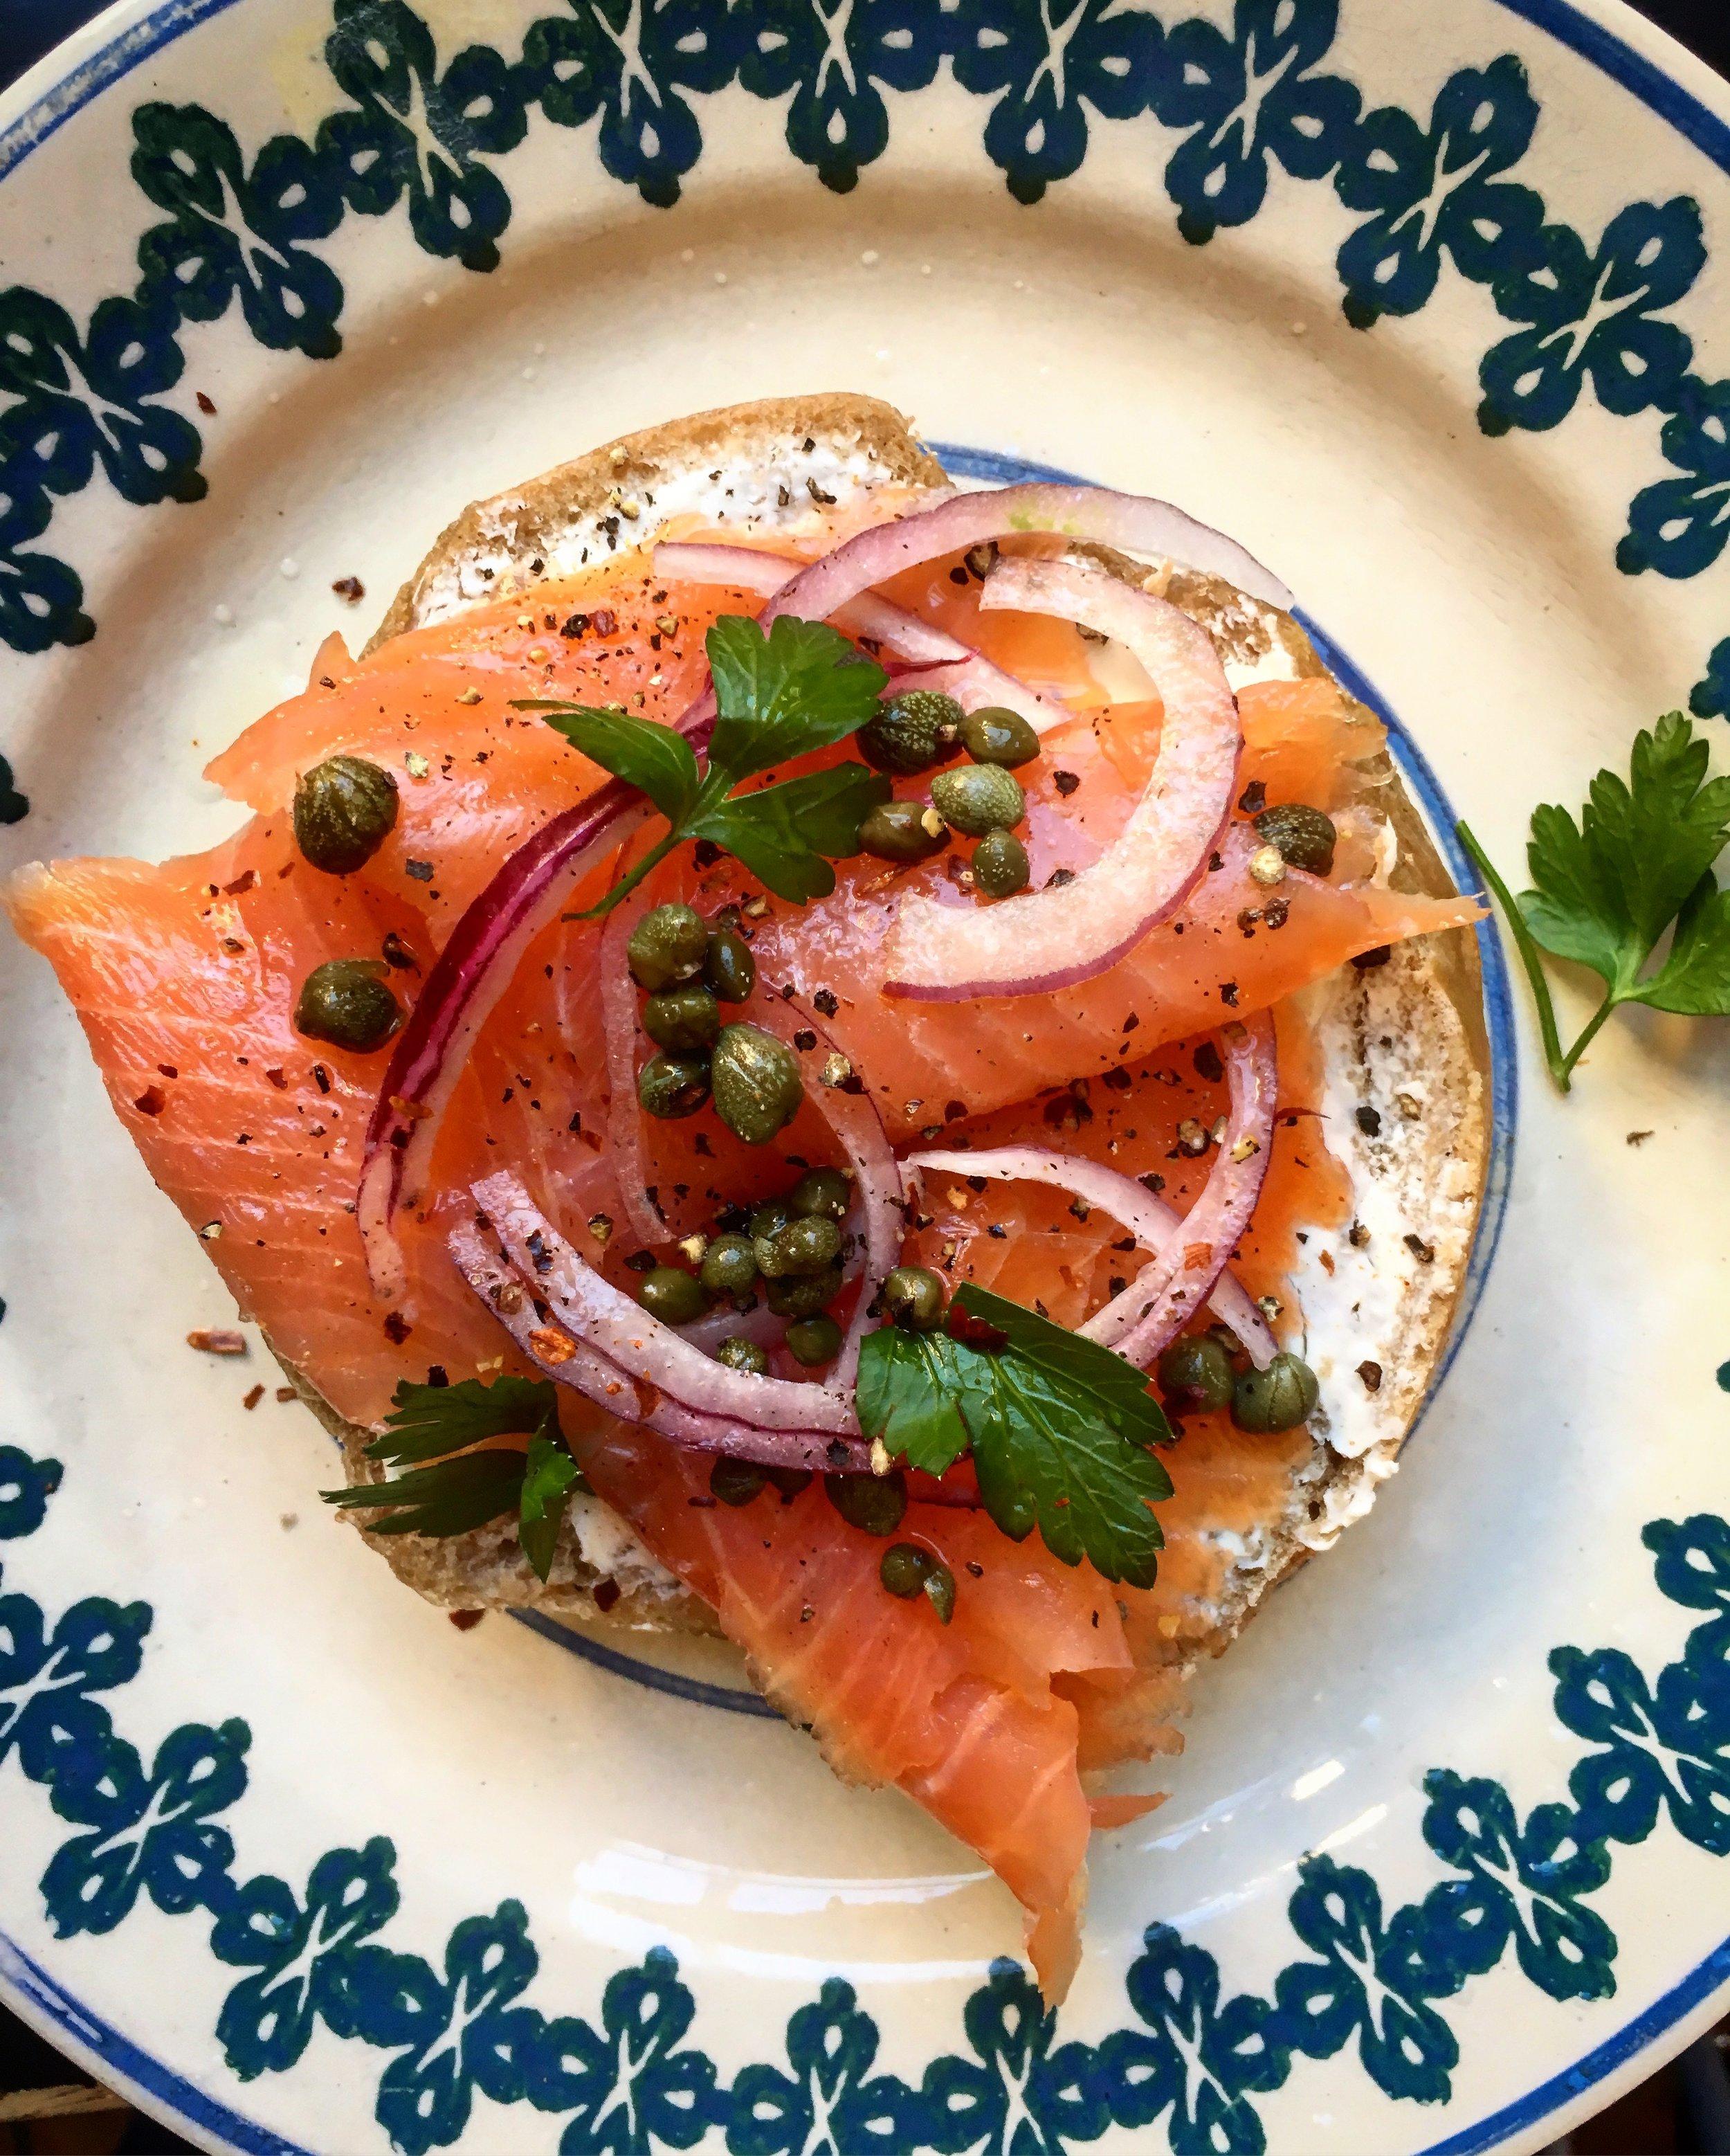 Lunch Boards - Sandwich BoardPersian Herb BoardSalad BoardsSmoked Salmon BoardFilet Mignon BoardTaco BoardMediterranean BoardOmbré Crudité Board,